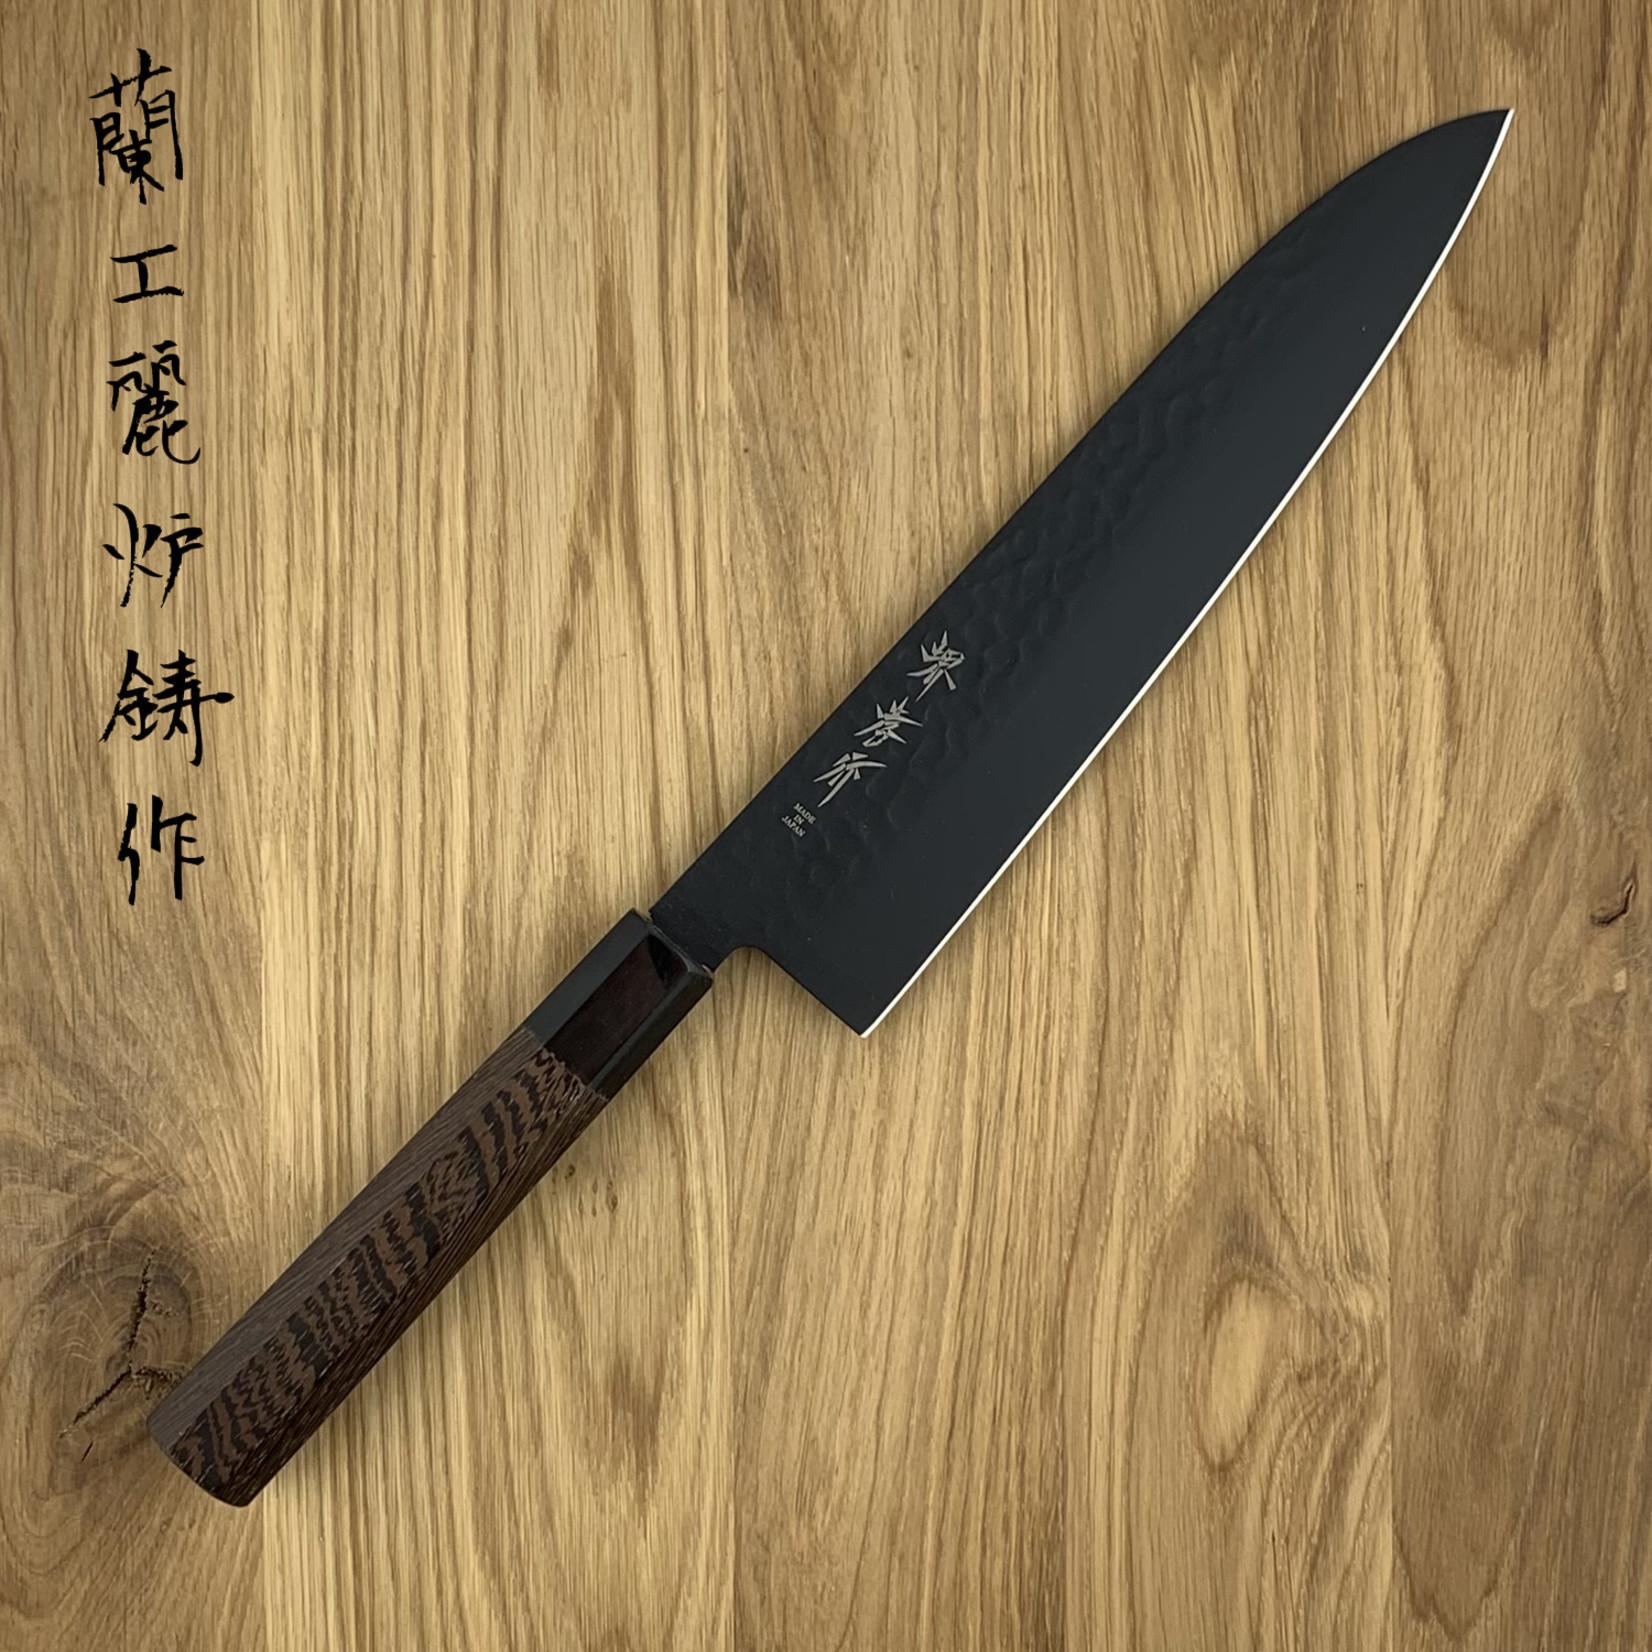 SAKAI TAKAYUKI Kurokage Gyuto 240 mm 07496